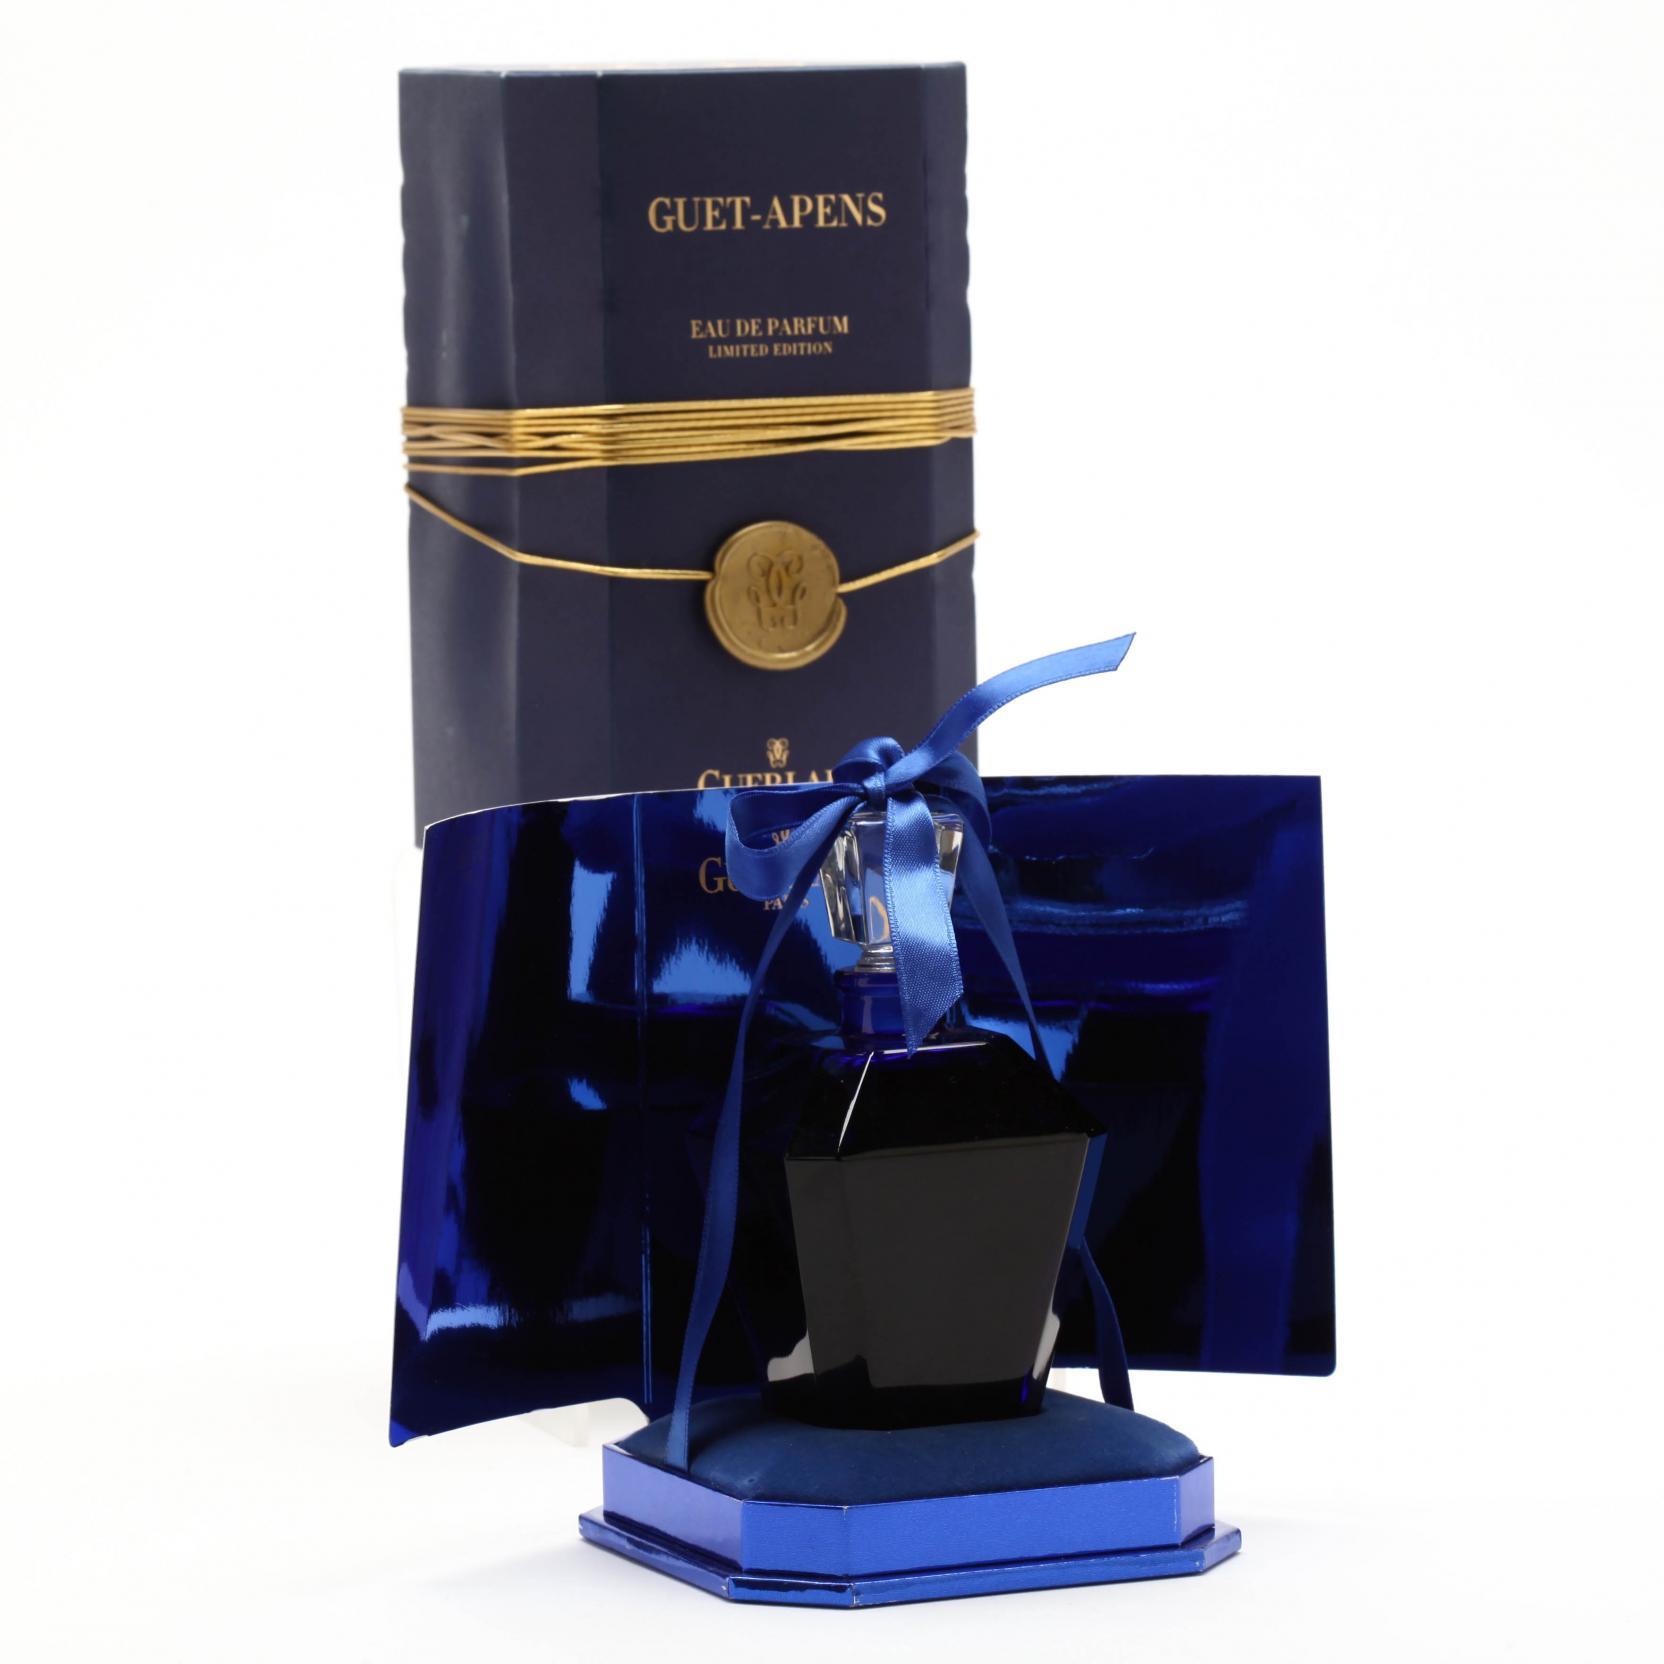 guerlain-guet-apens-limited-edition-eau-de-parfum